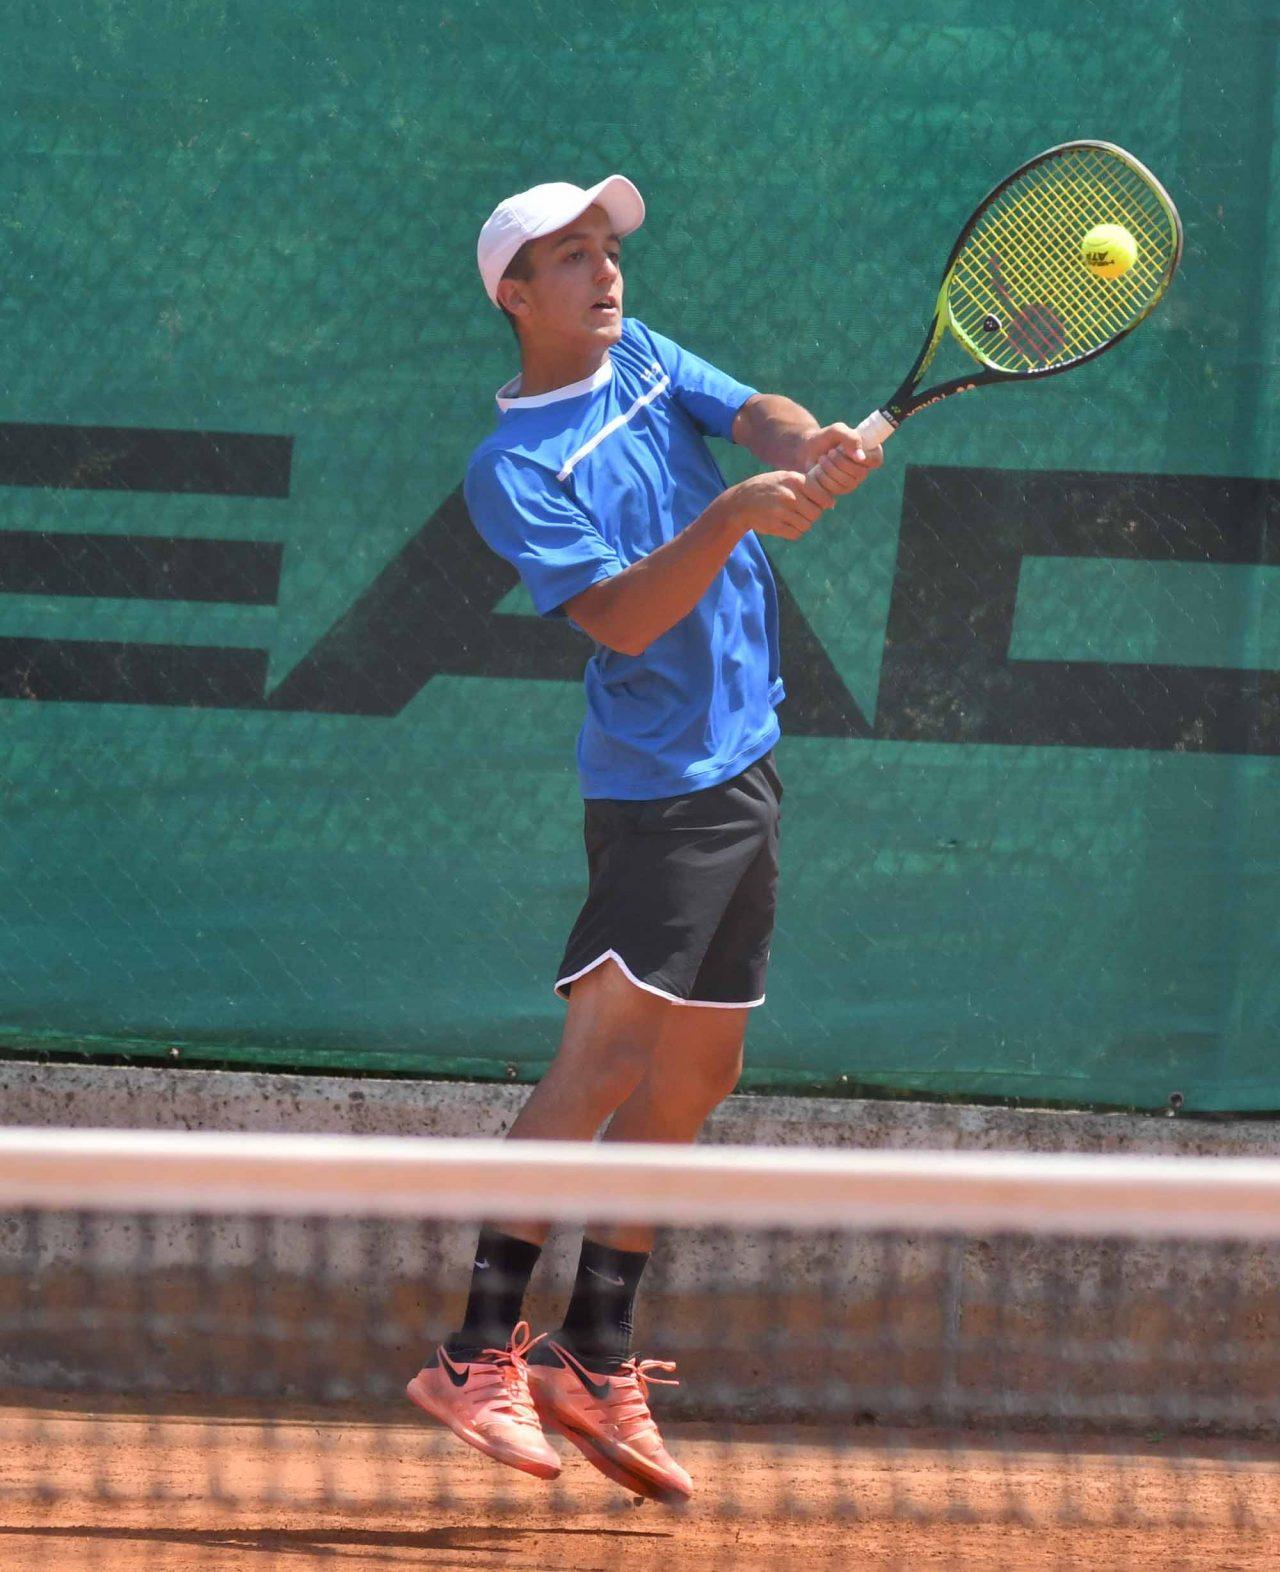 Държавно първенство тенисдо 16 години Сливен (38)